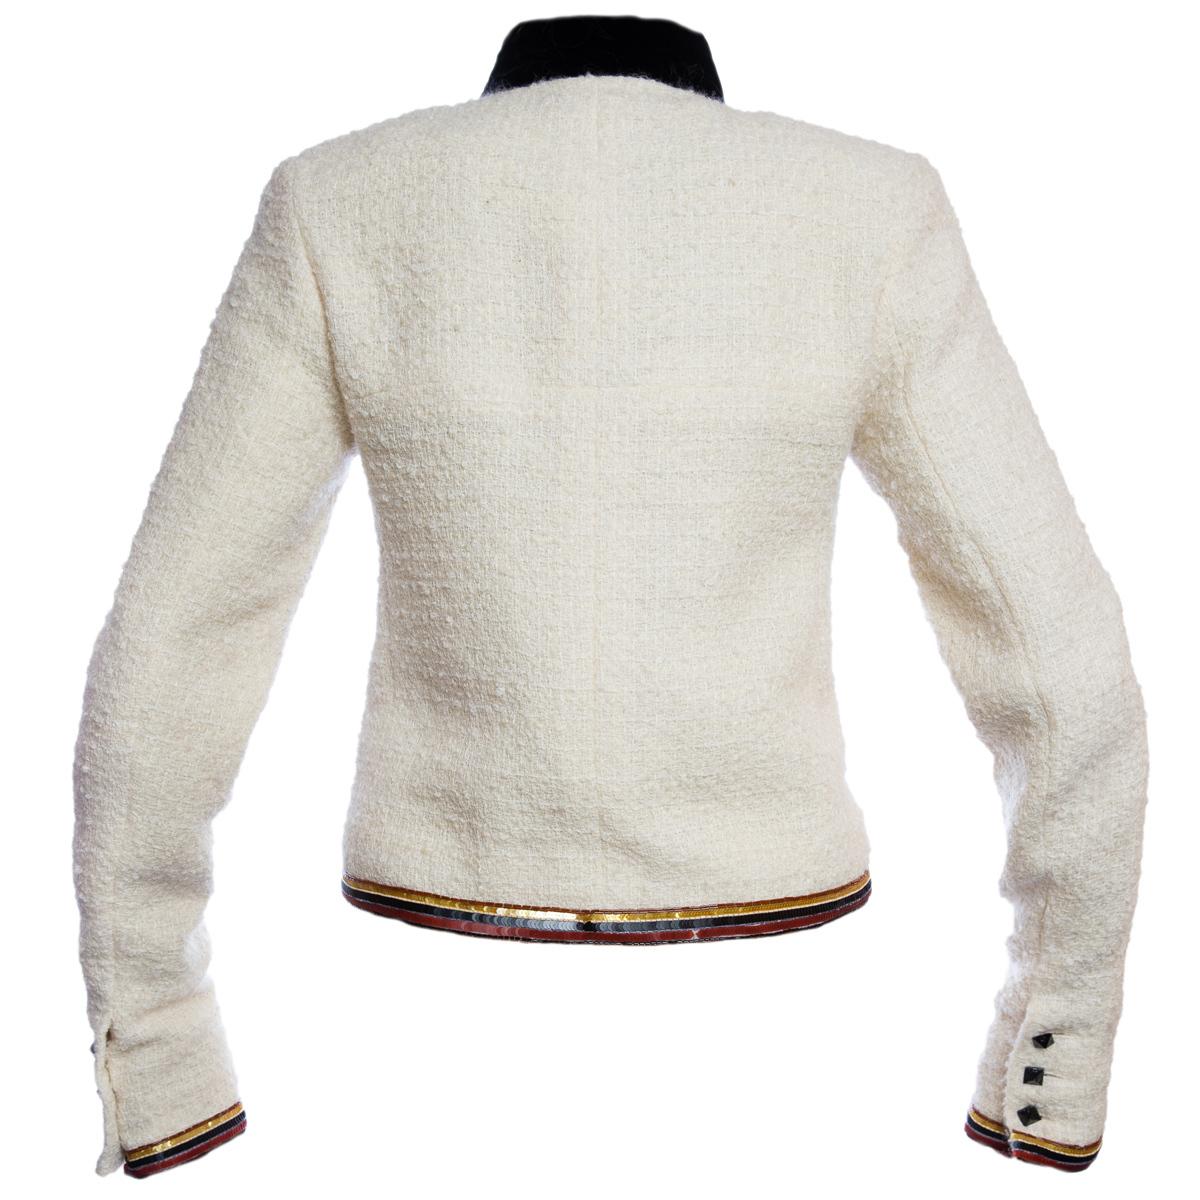 Эклюзивный жакет с вышивкой от Chanel, 38 размер